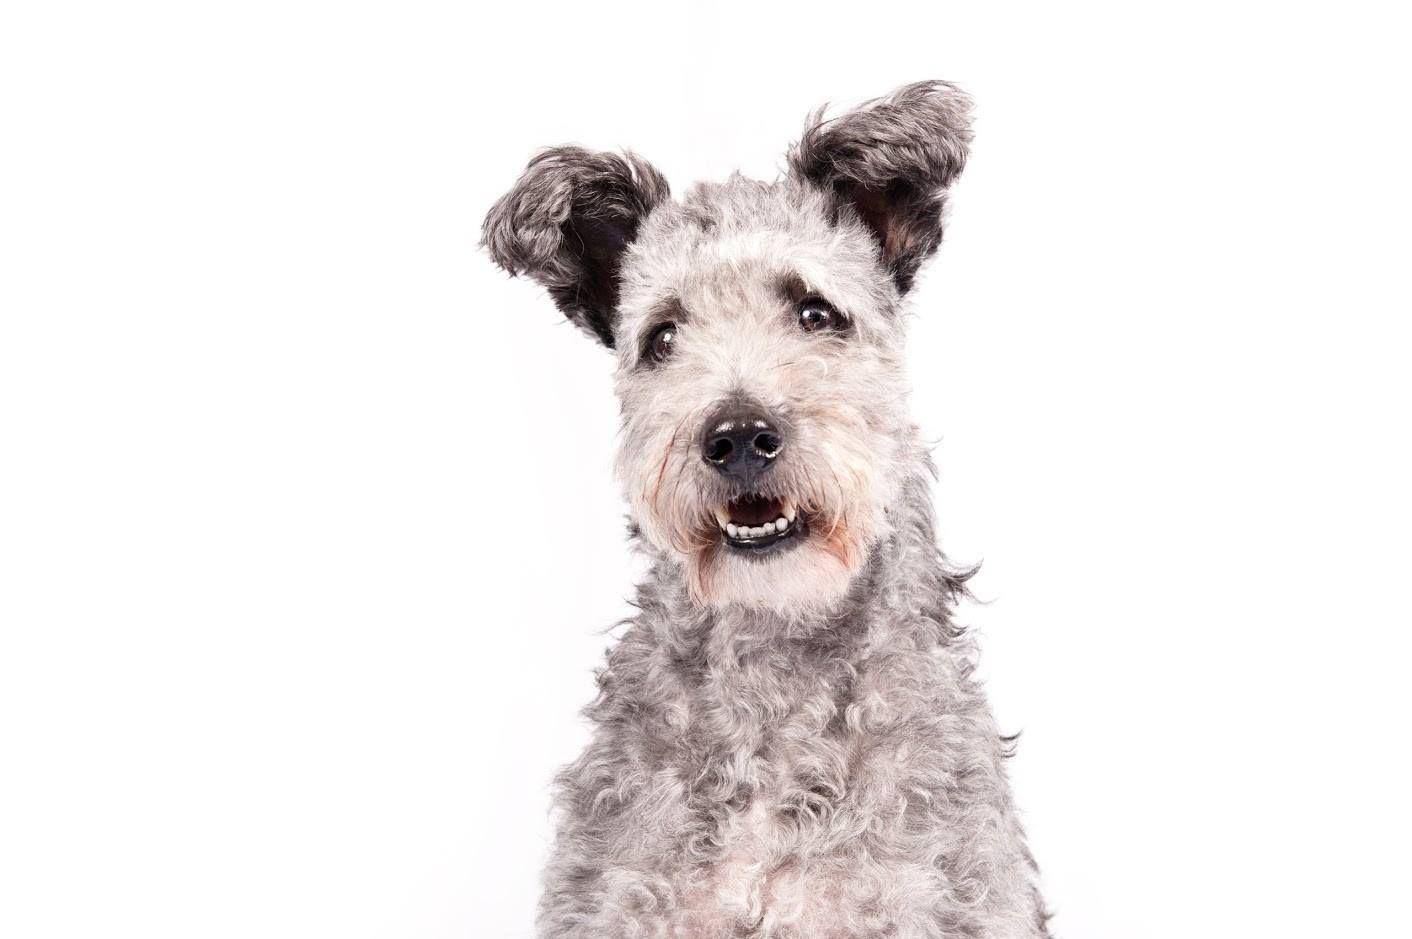 Do I look cute? pumi pumidog Pumi dog, Purebred dogs, Dogs